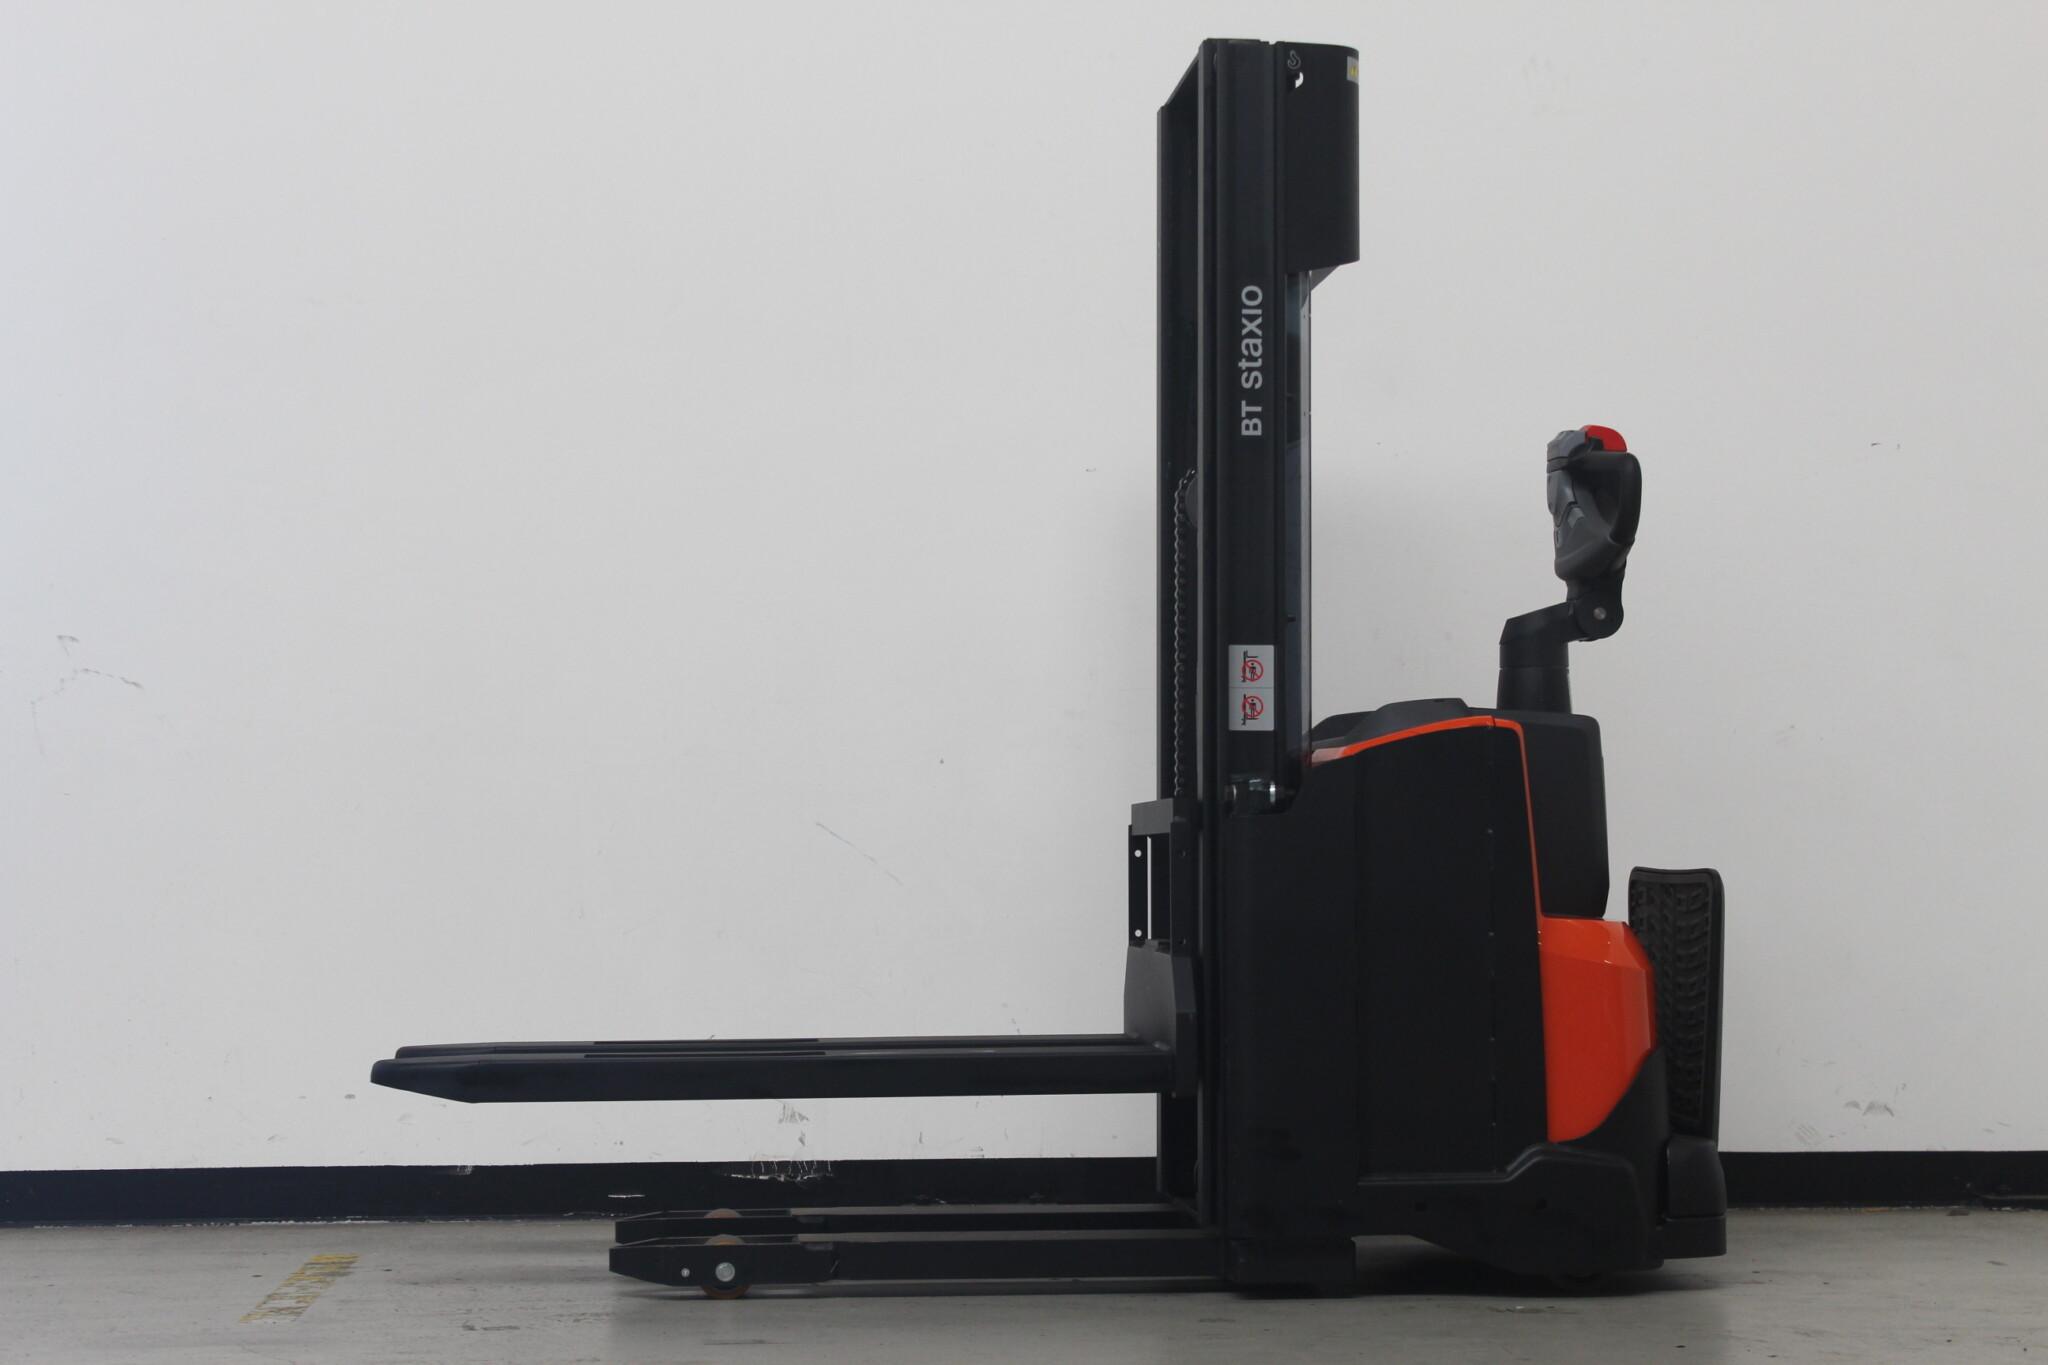 Toyota-Gabelstapler-59840 2101007810 1 1 scaled